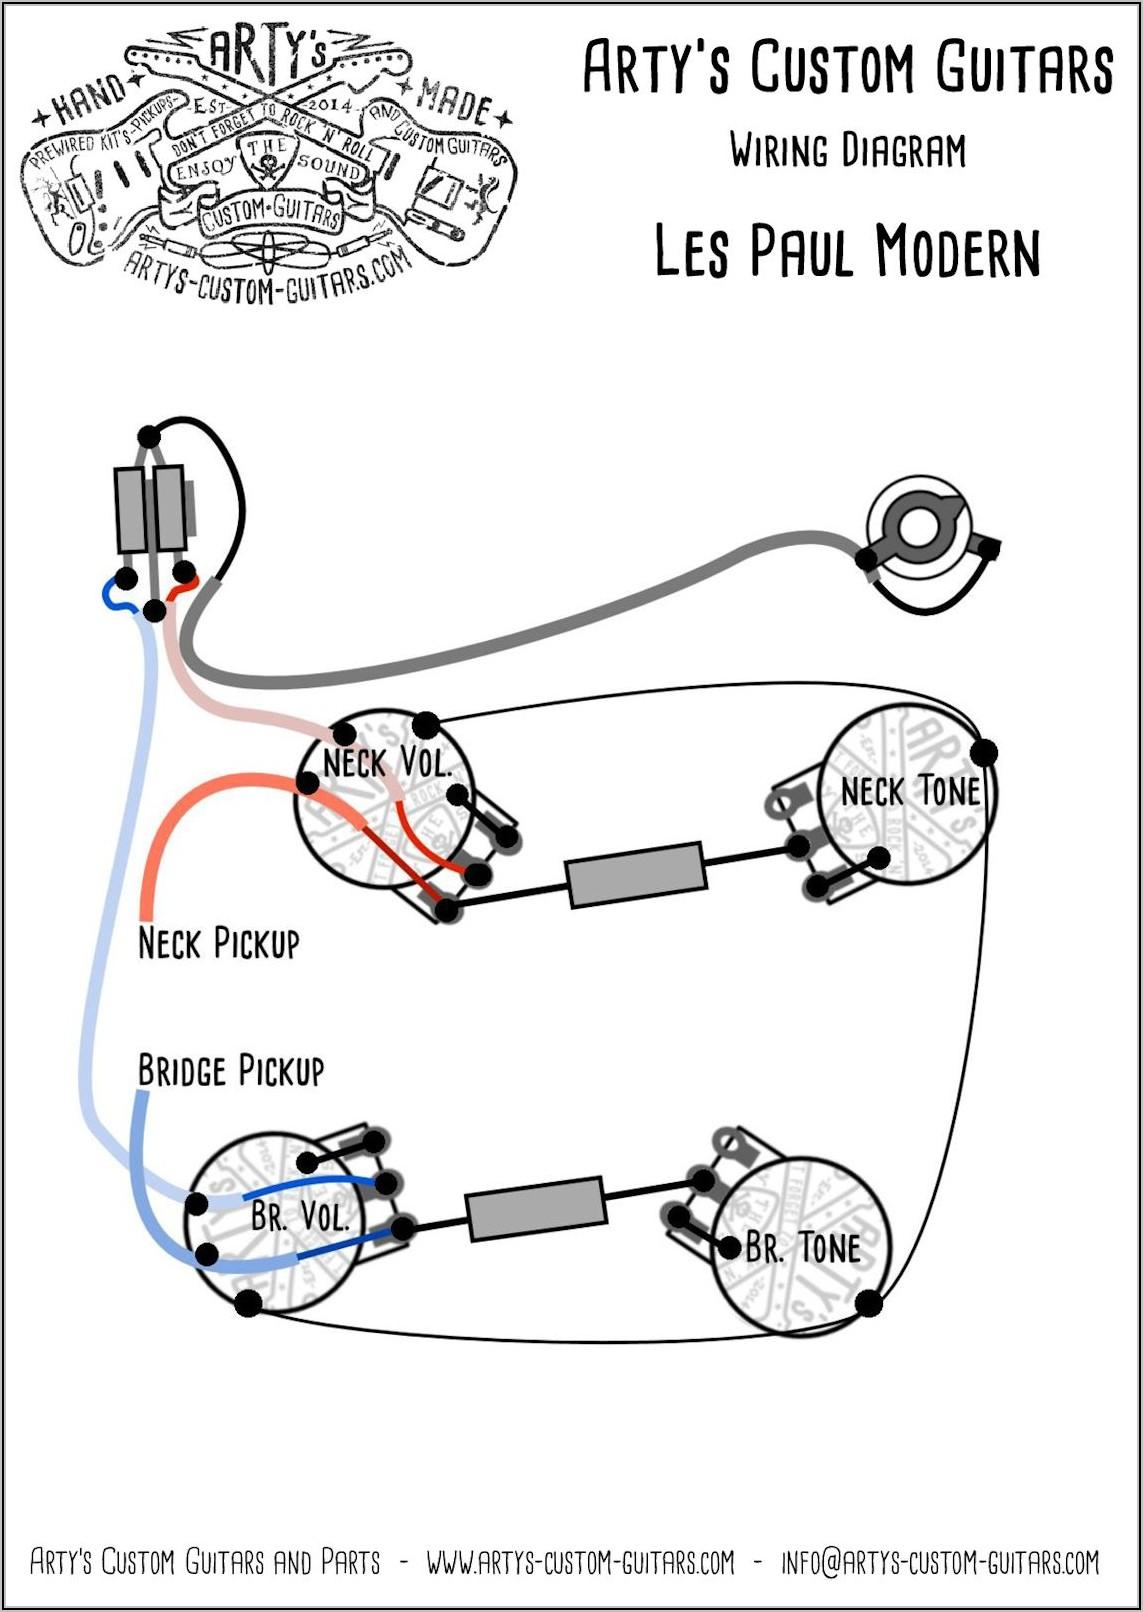 Les Paul Guitar Wiring Diagram